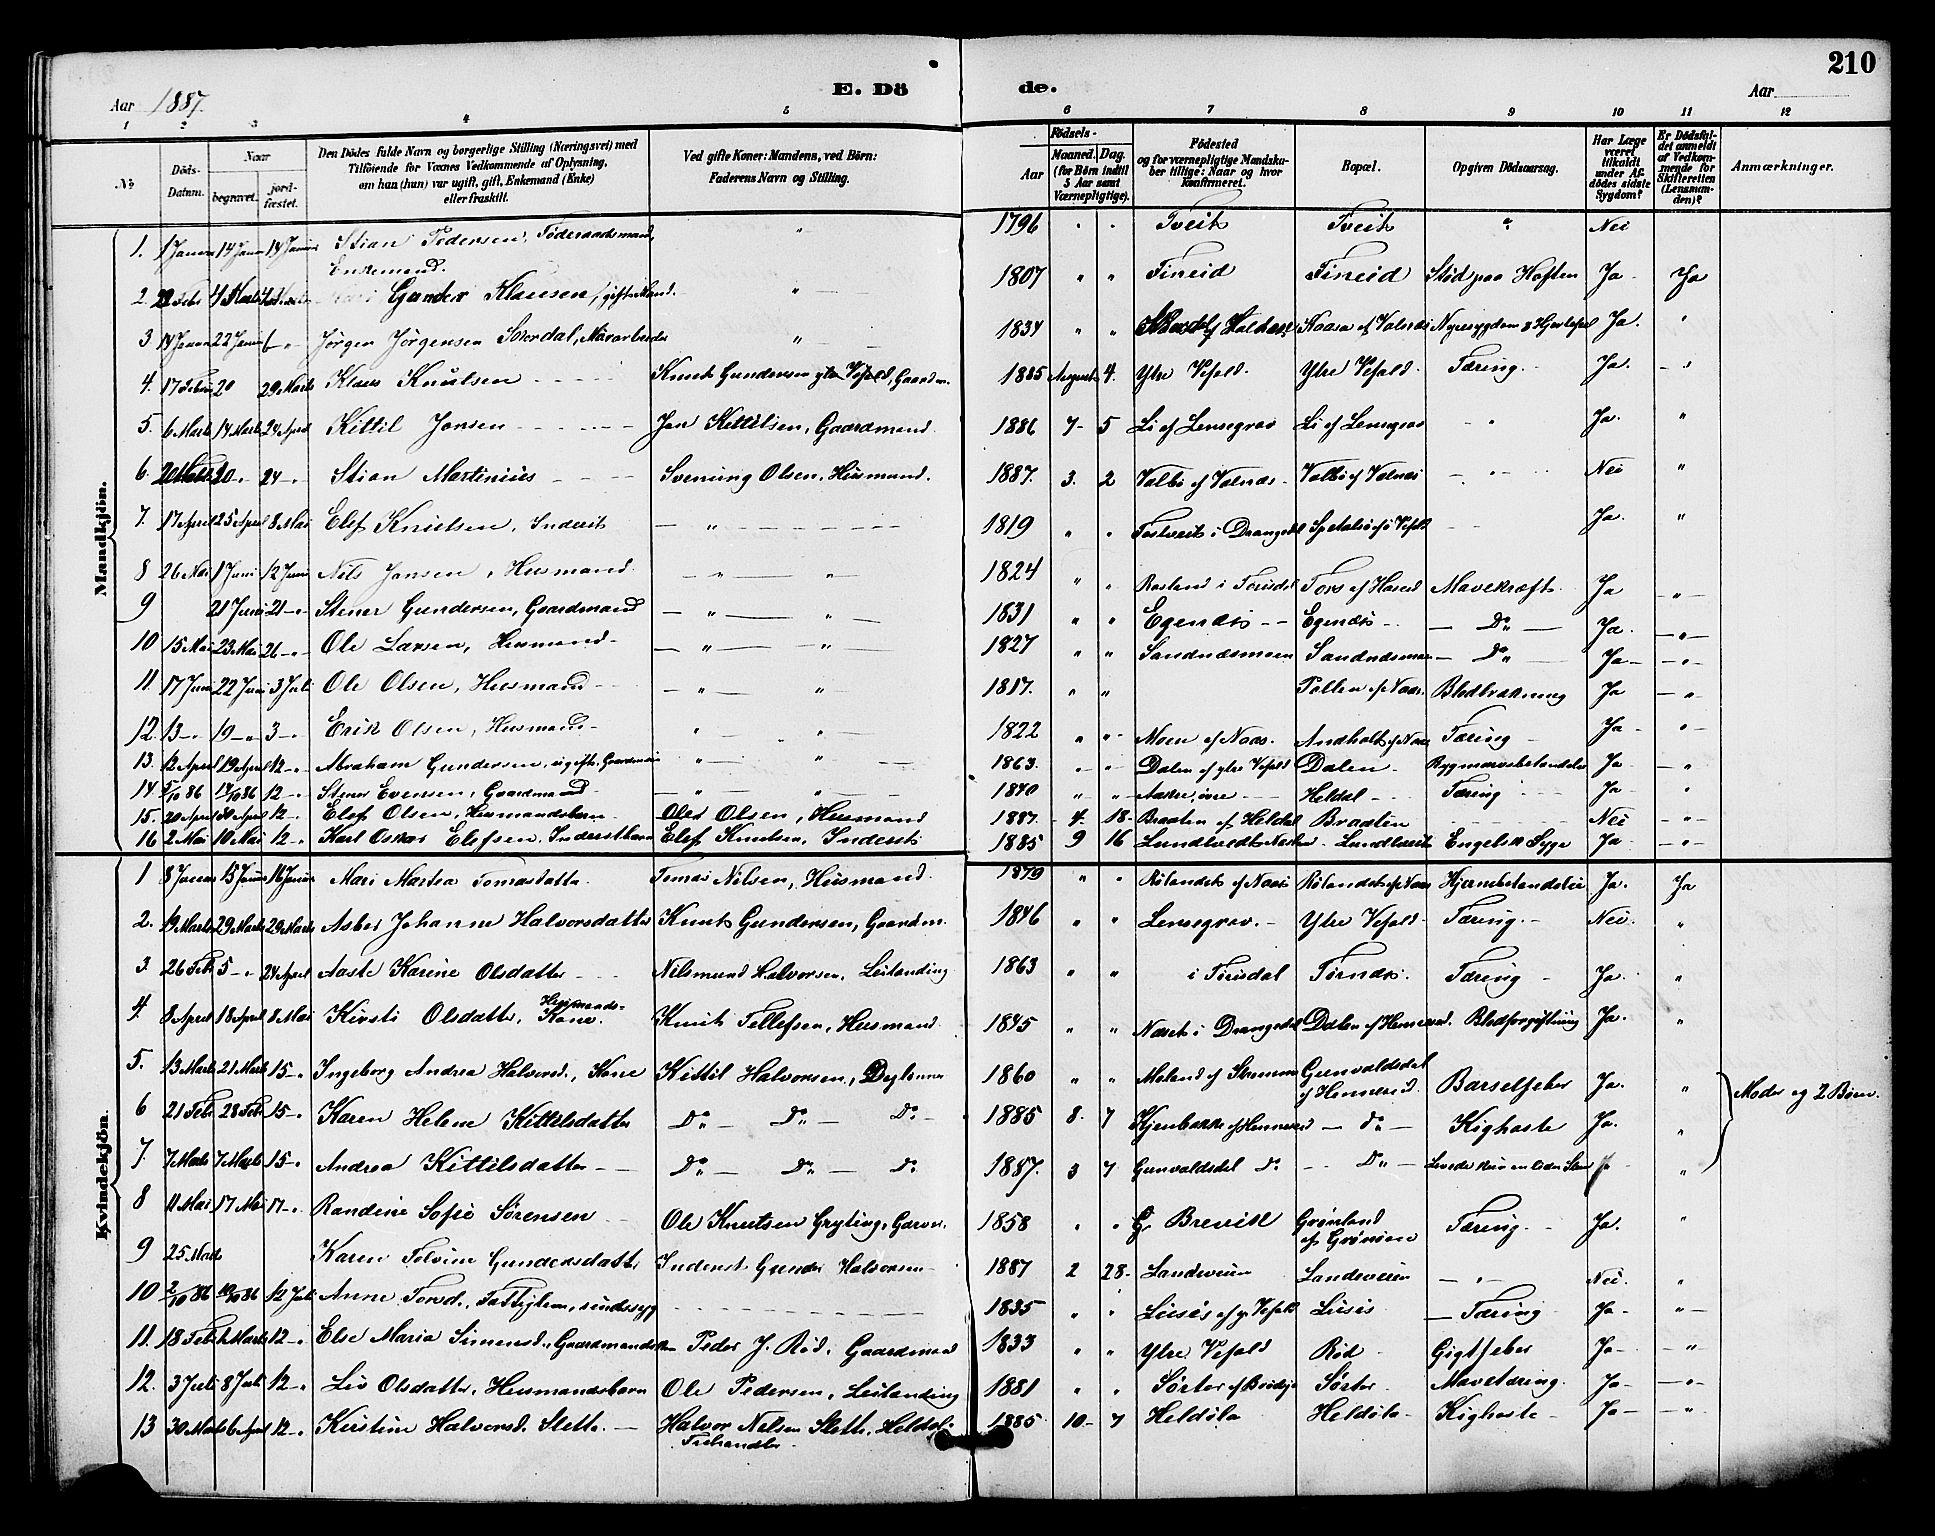 SAKO, Drangedal kirkebøker, G/Ga/L0003: Klokkerbok nr. I 3, 1887-1906, s. 210